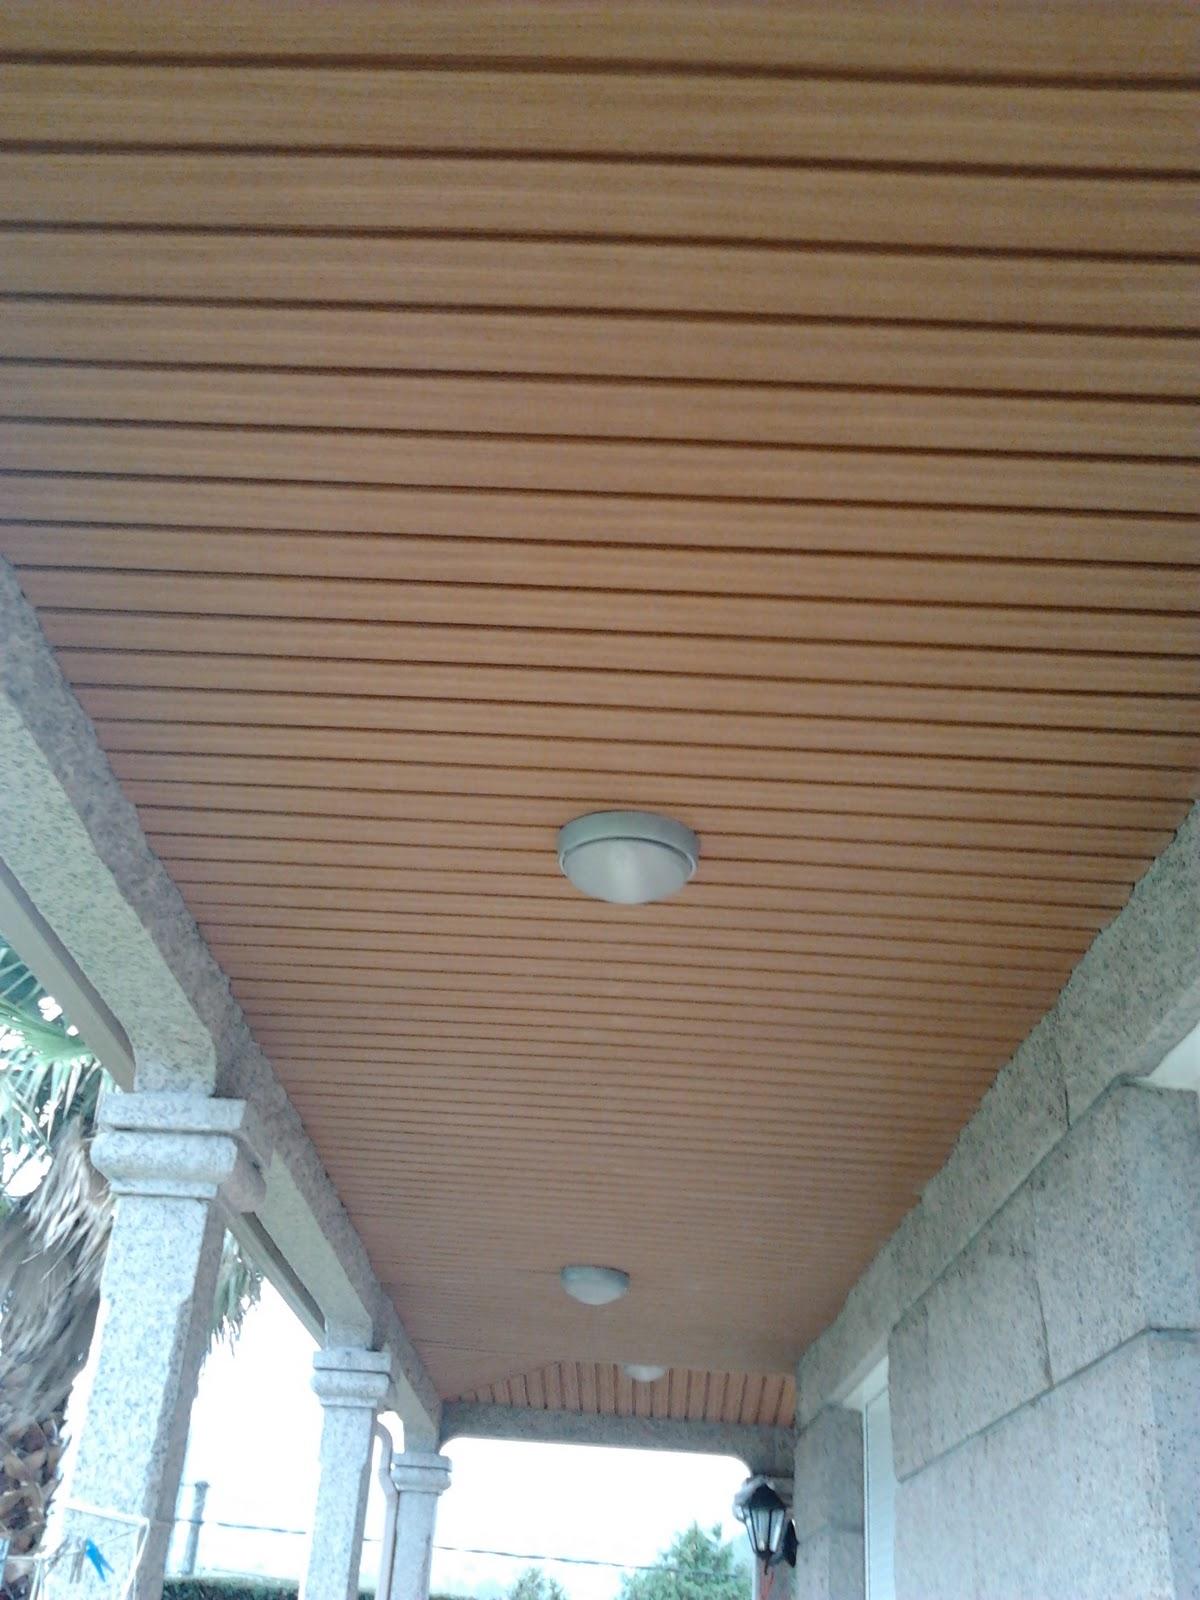 Aluminio alumival galicia forrado de techos imitaci n - Techos falsos de madera ...